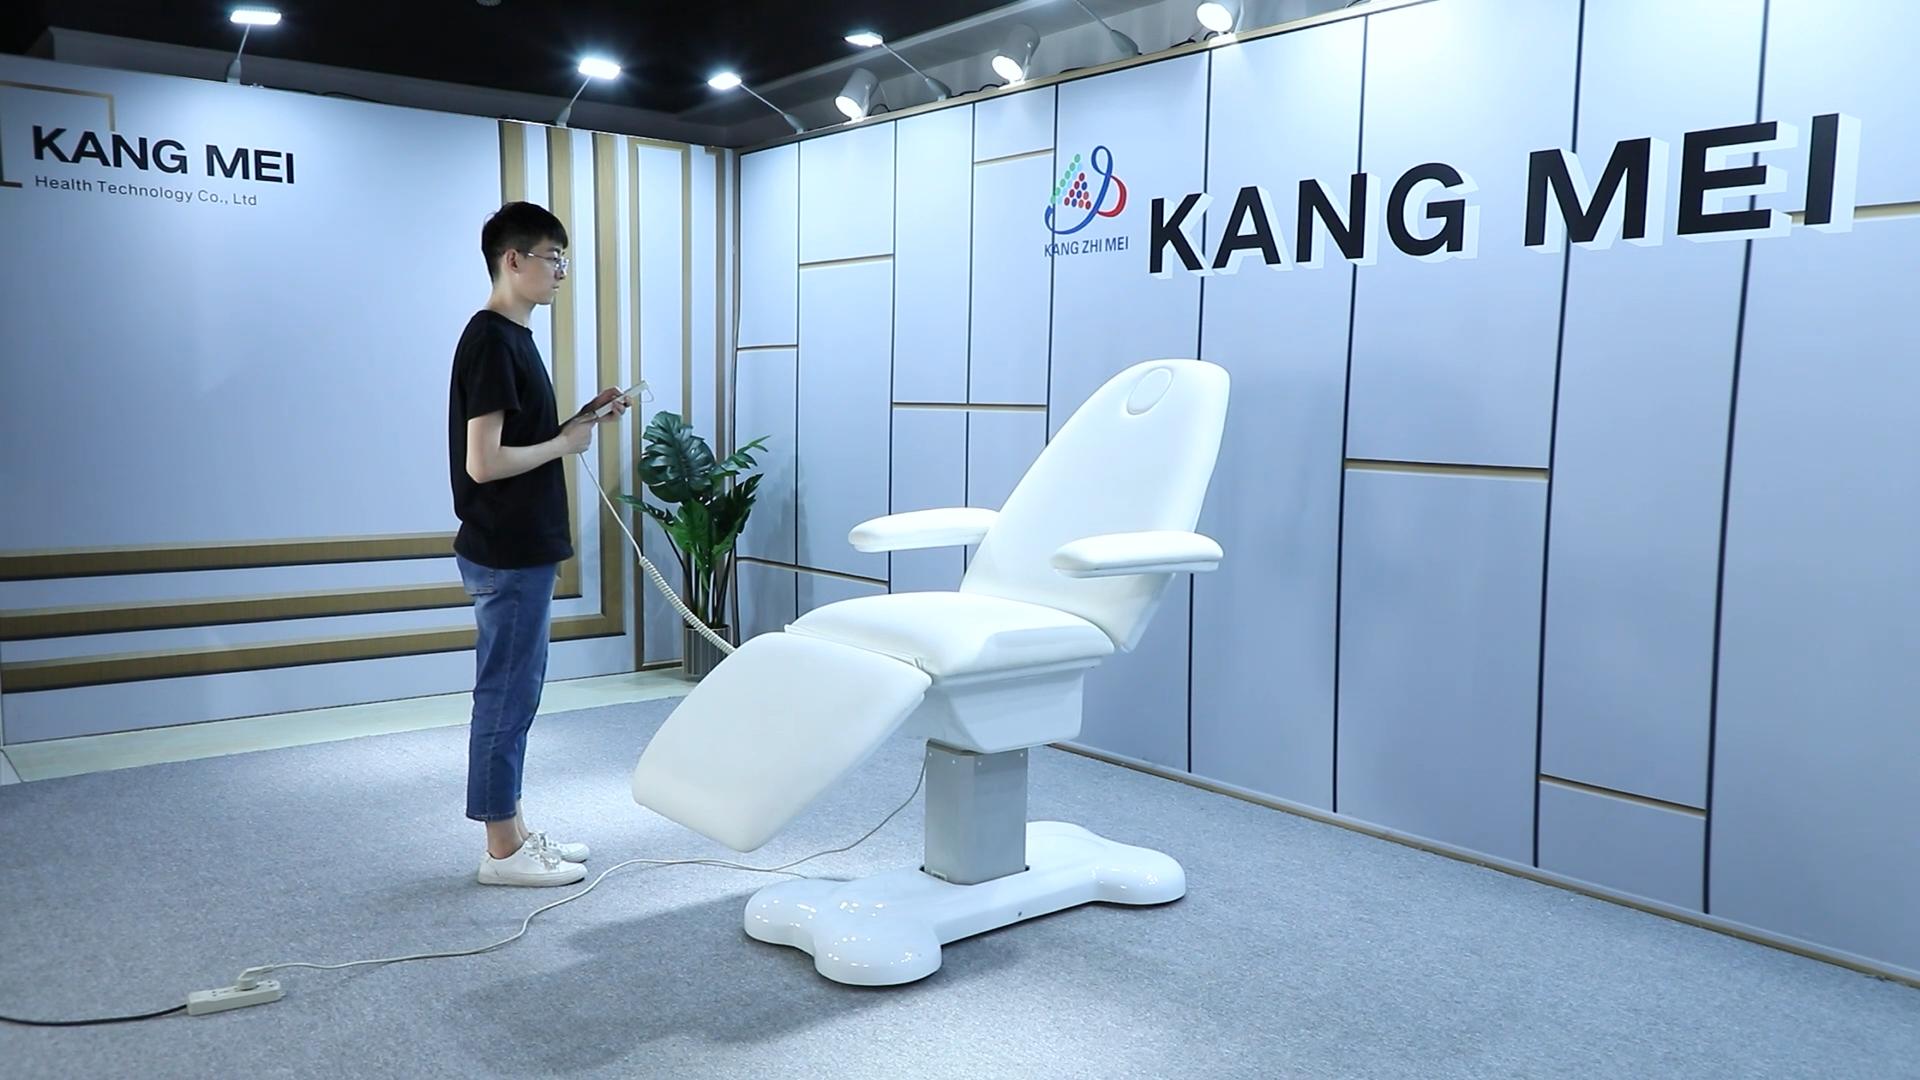 สีขาวโมเดิร์นหรูหรายุโรป 3 มอเตอร์Salonสปาไฟฟ้าปรับนวดความงามเตียงเครื่องสำอางเก้าอี้